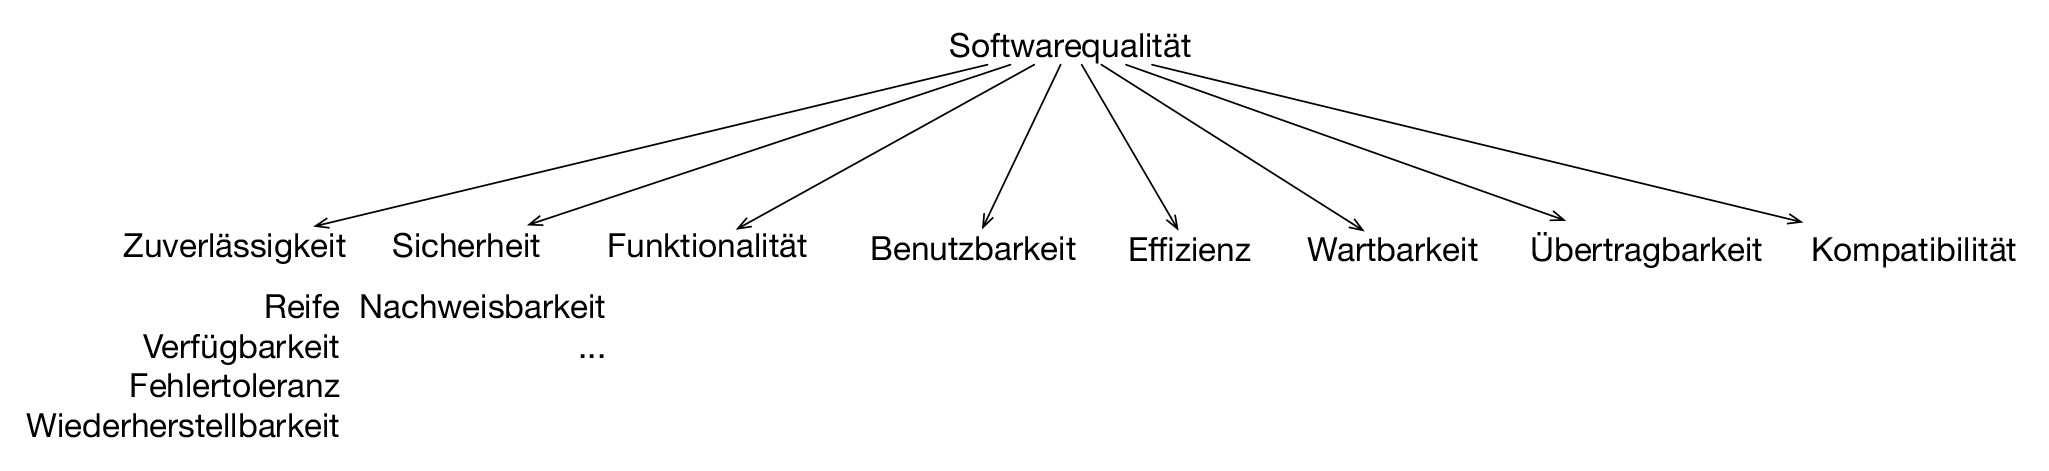 wolff_softwarearchitektur_1.tif_fmt1.jpg